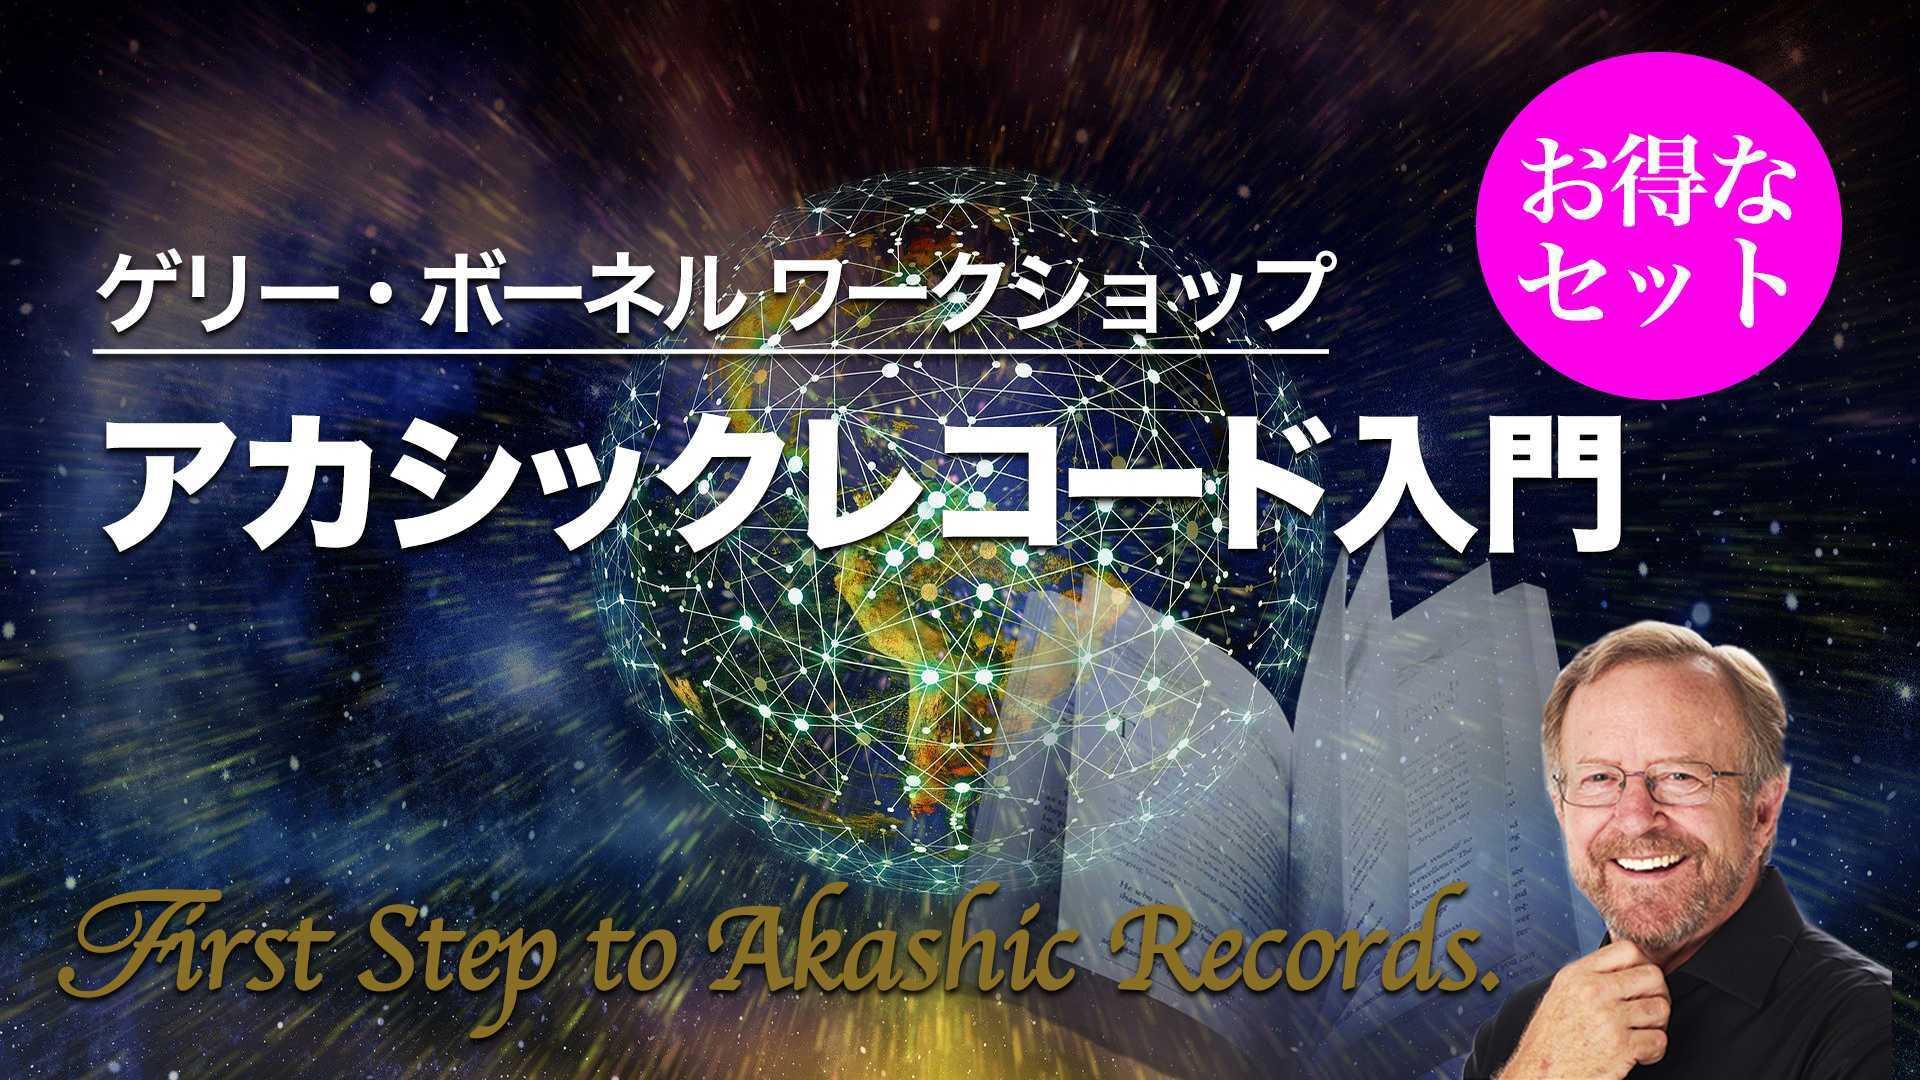 《Part.1・2セット》アカシックレコード入門